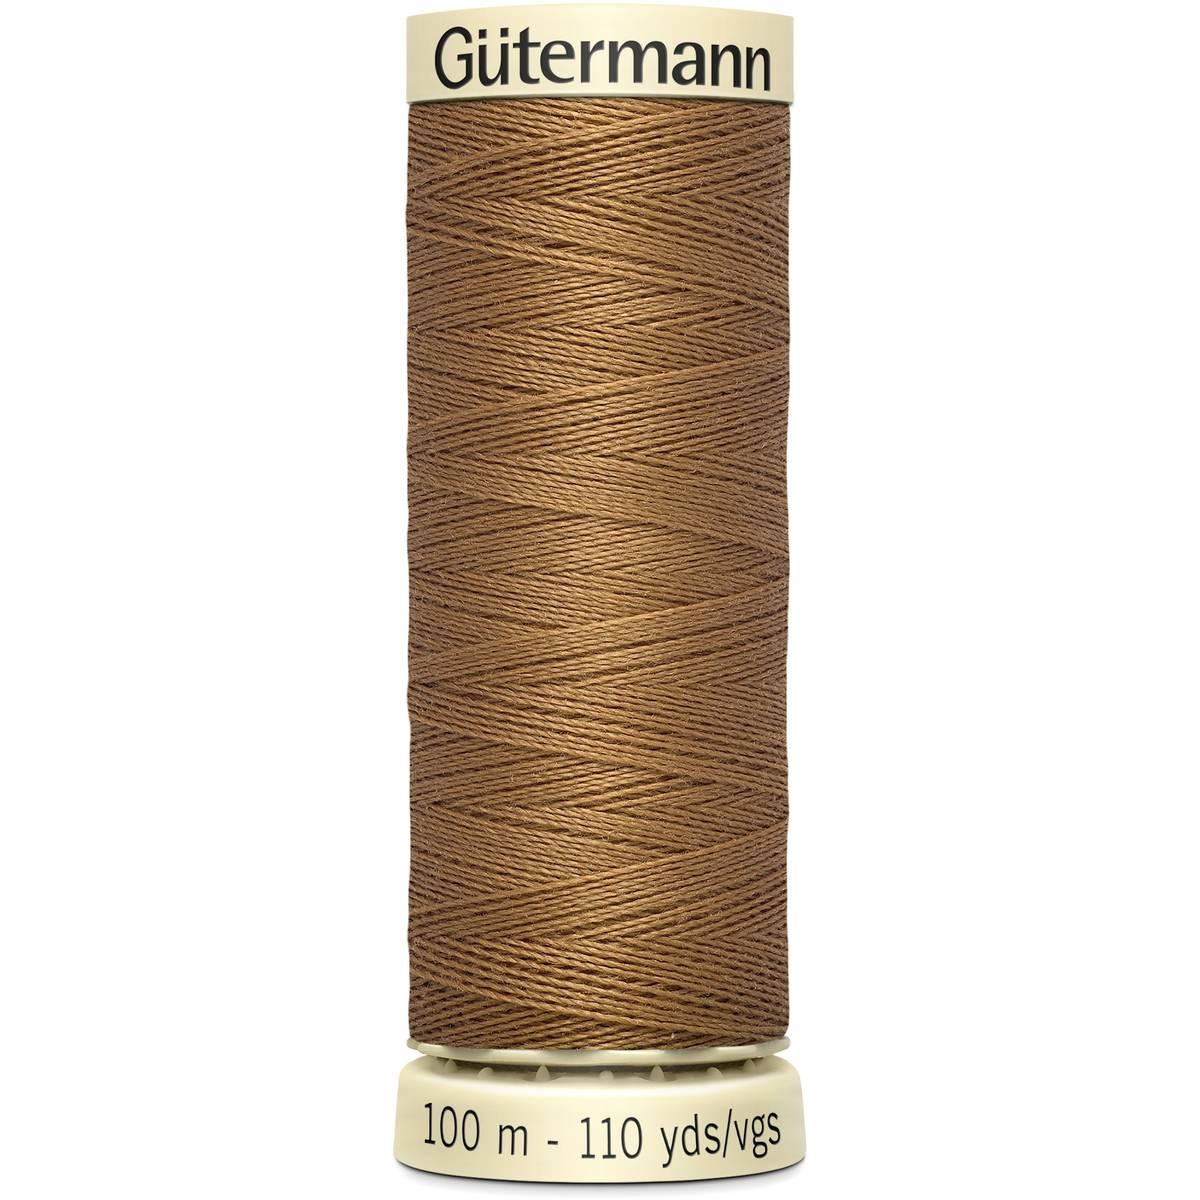 חוט תפירה גוטרמן - Brown 887